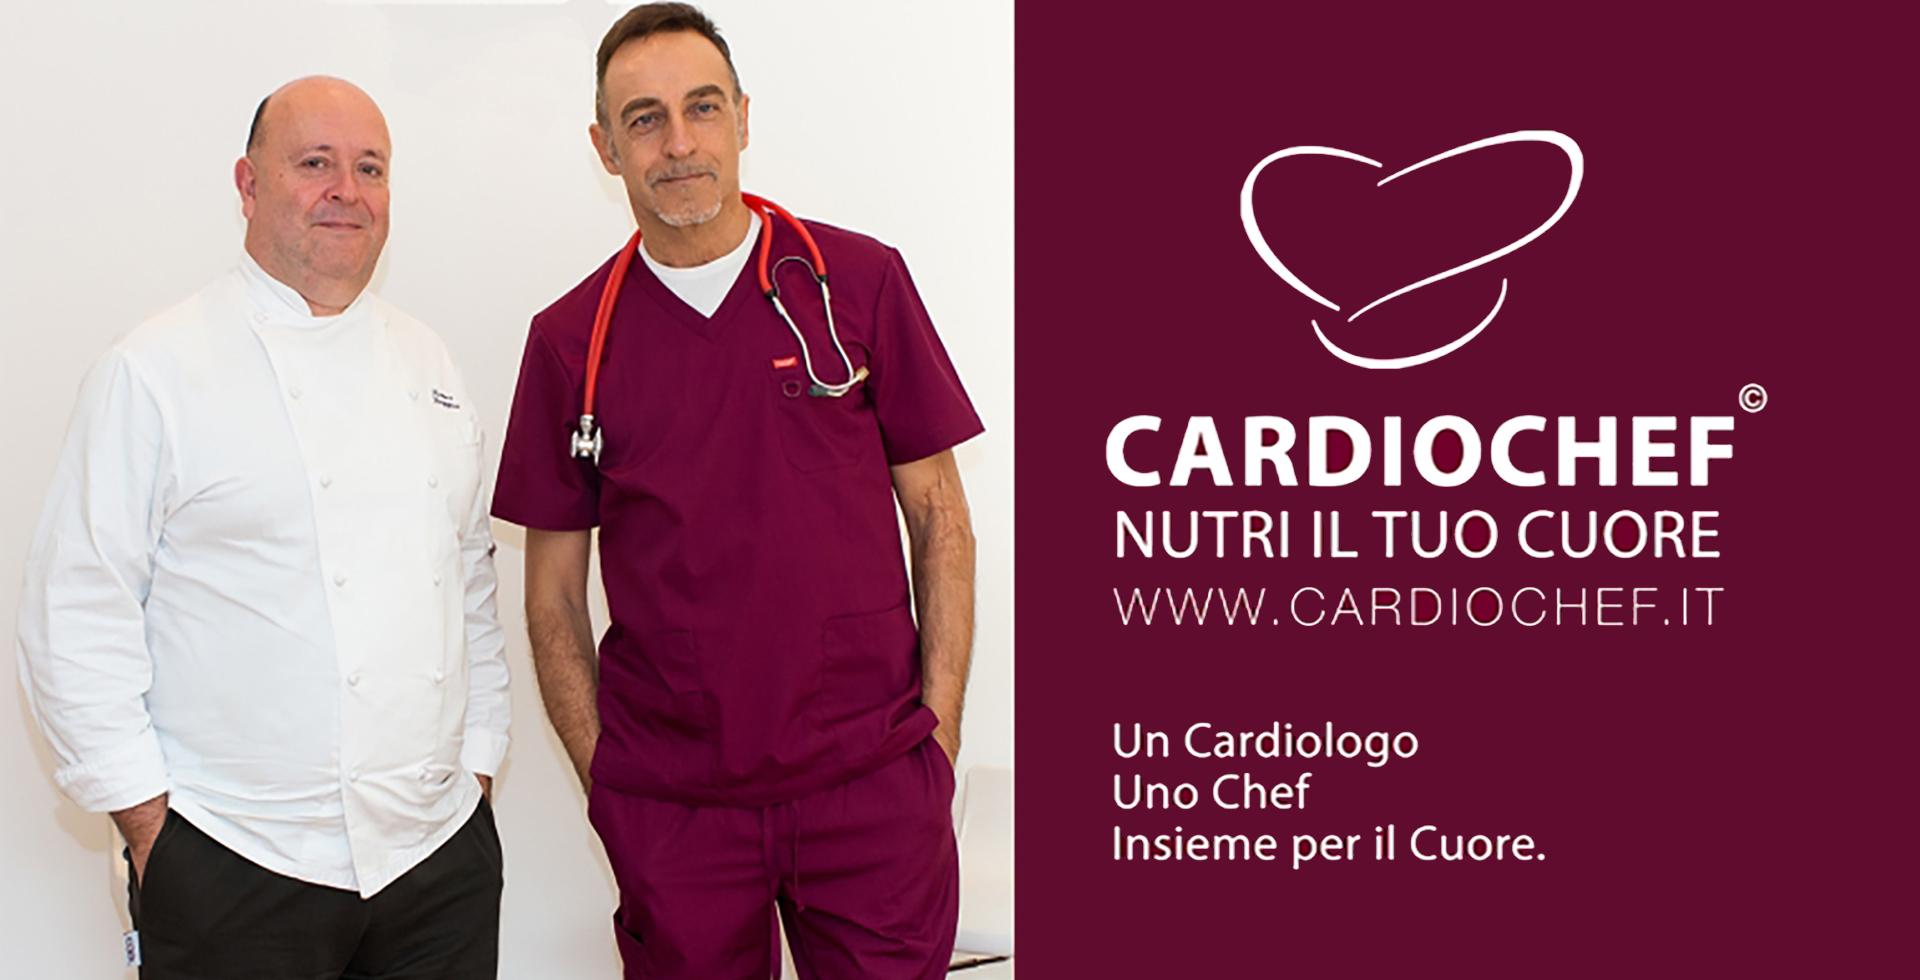 Cardiochef_4a